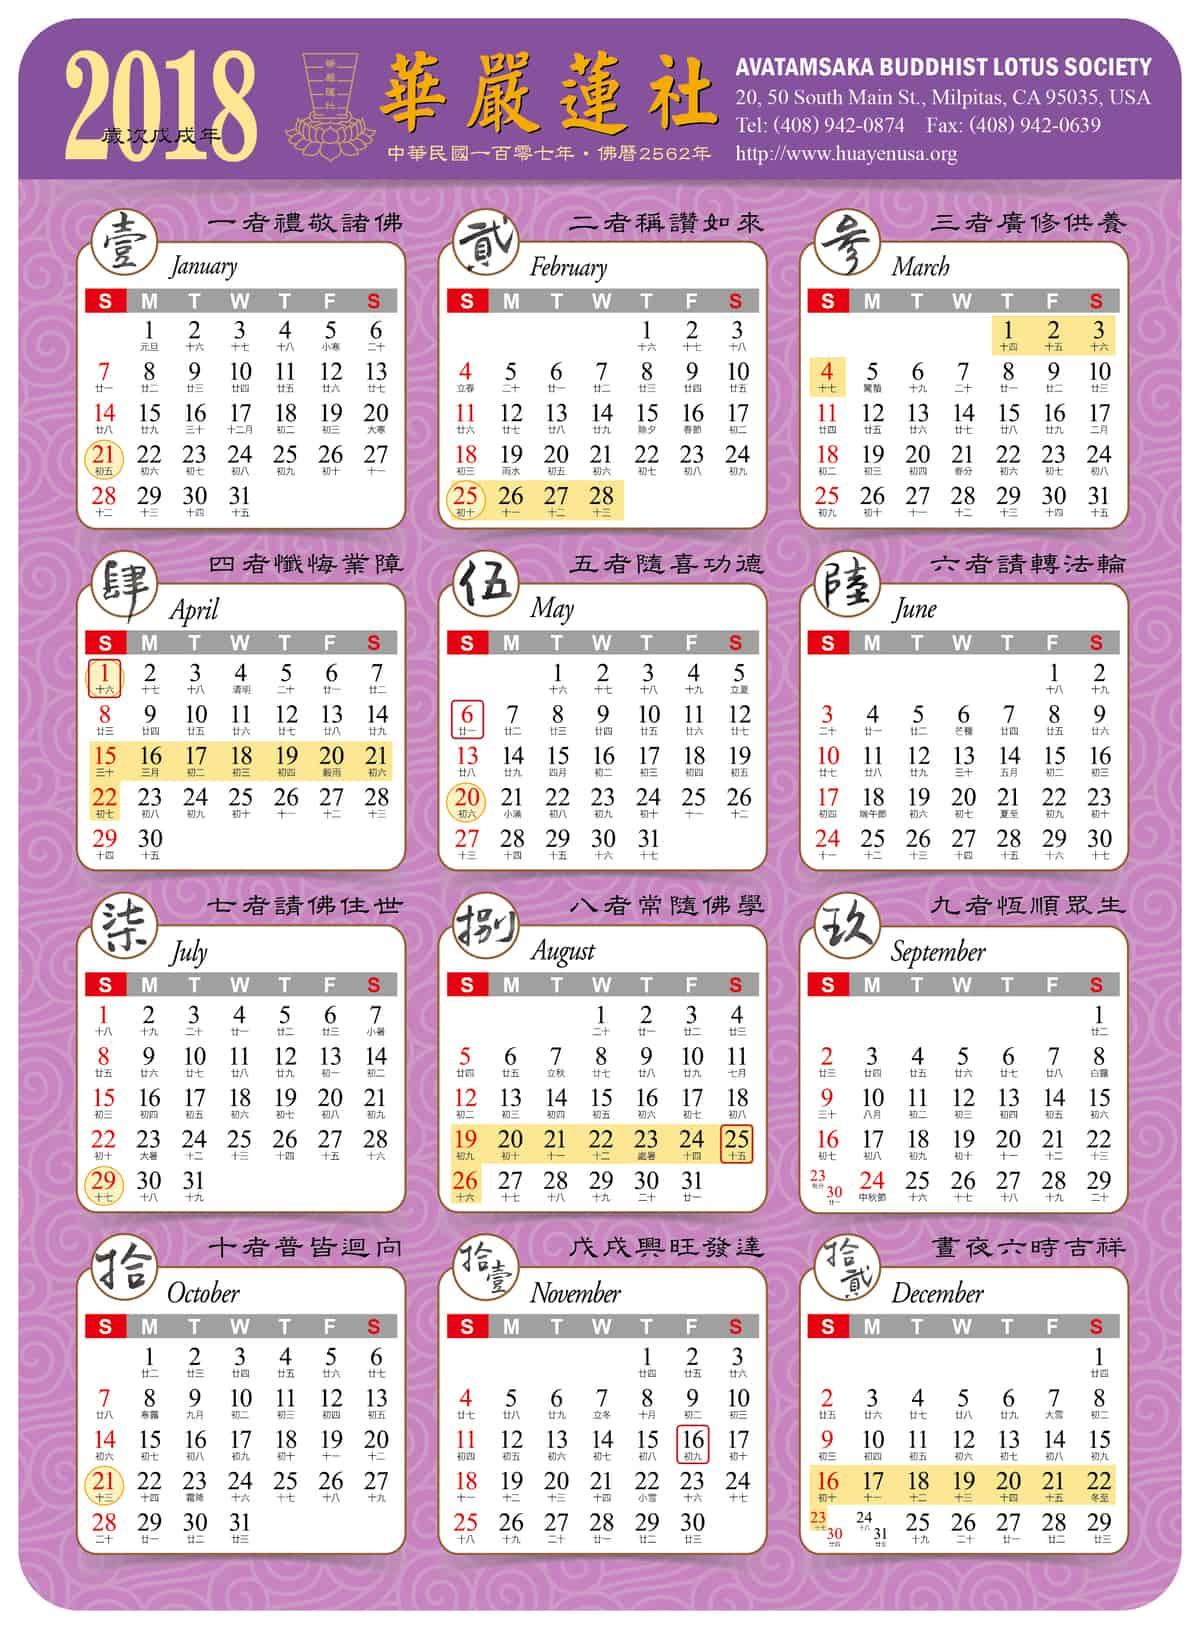 2018 年曆 – 美國華嚴蓮社